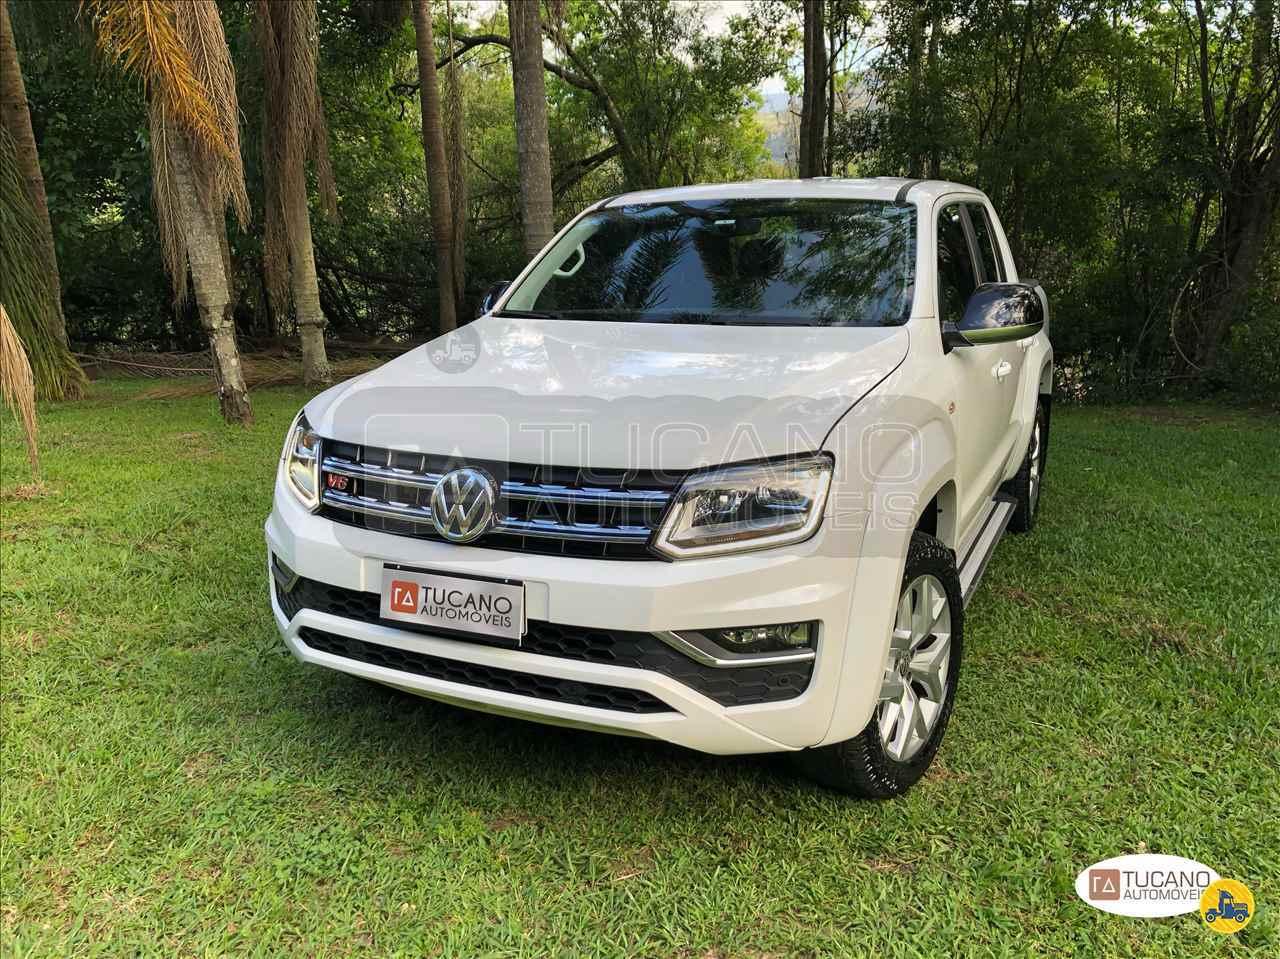 CARRO VW - Volkswagen Amarok Highline V6 Tucano Automóveis ALFREDO WAGNER SANTA CATARINA SC